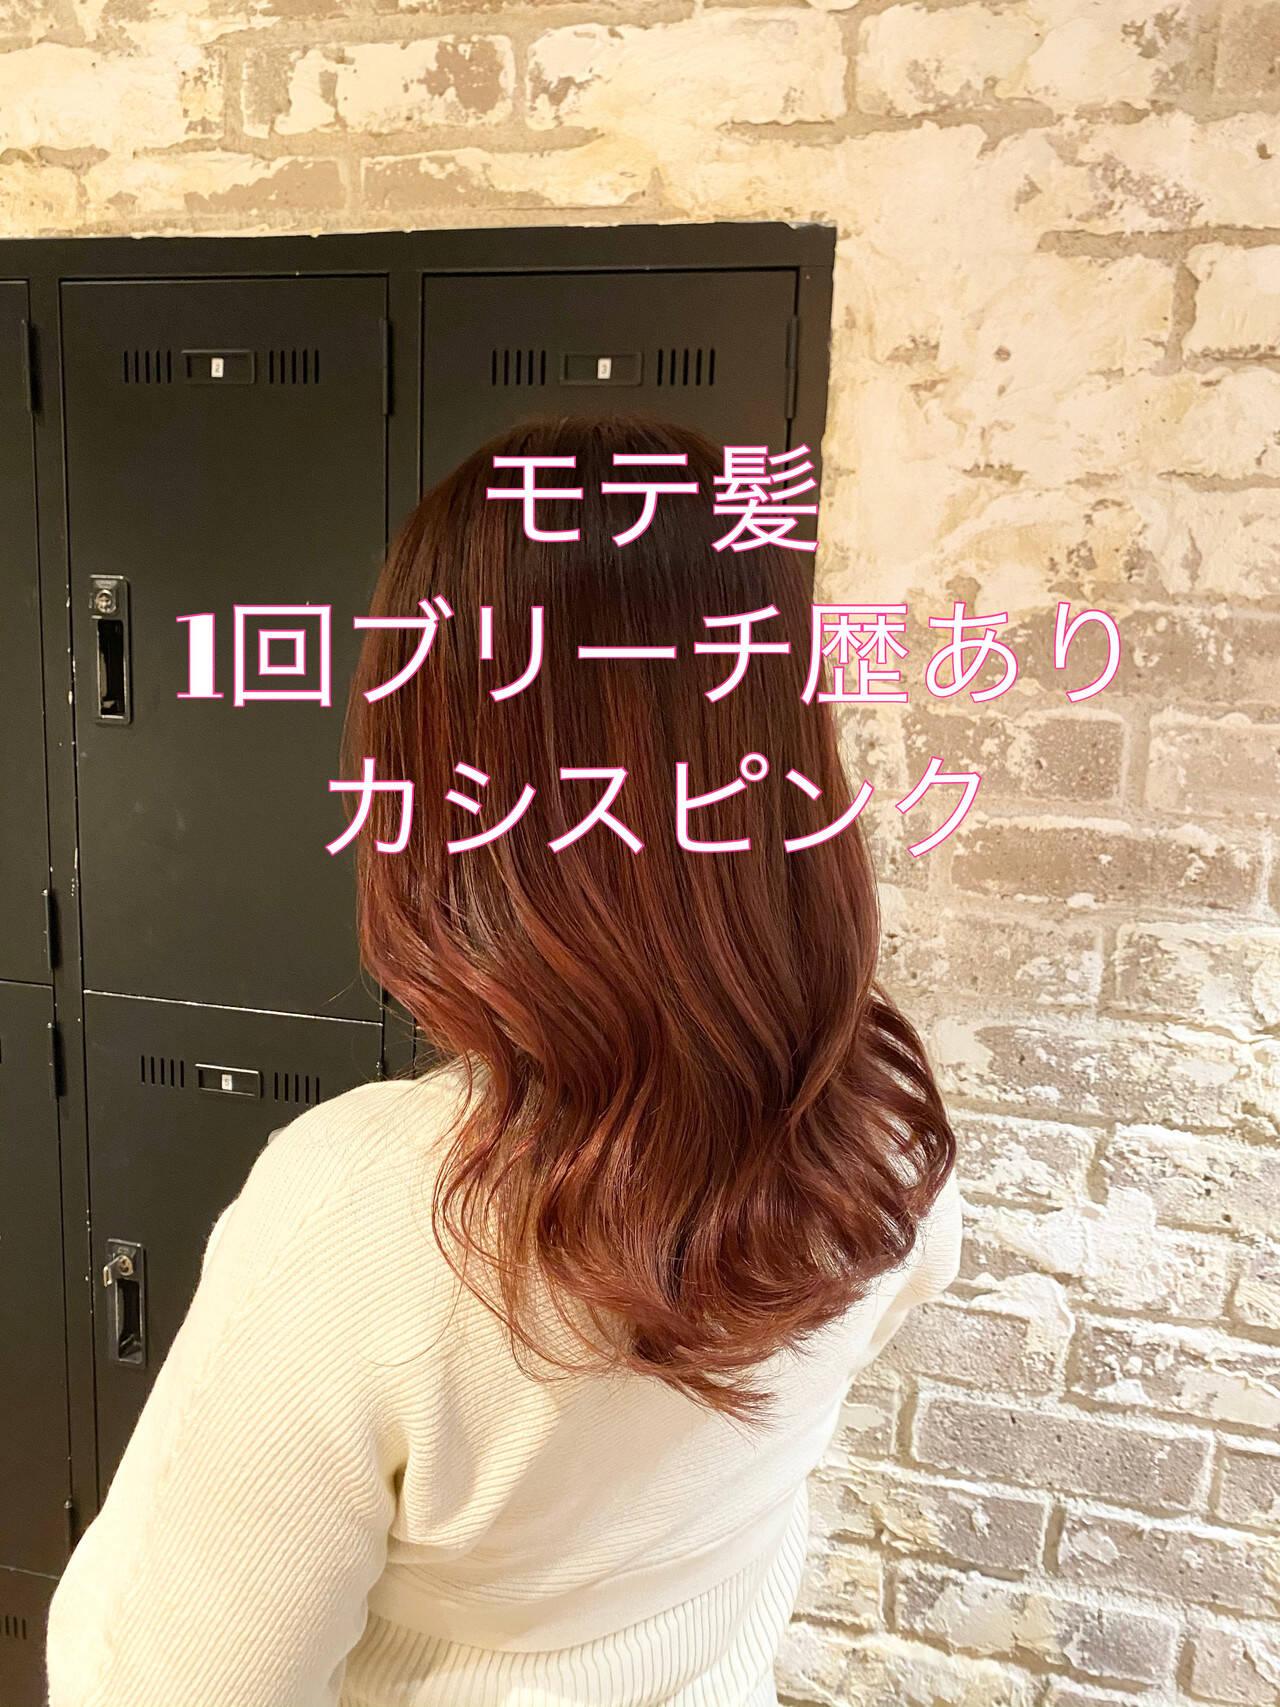 大人かわいい ナチュラル可愛い ピンクバイオレット デートヘアスタイルや髪型の写真・画像